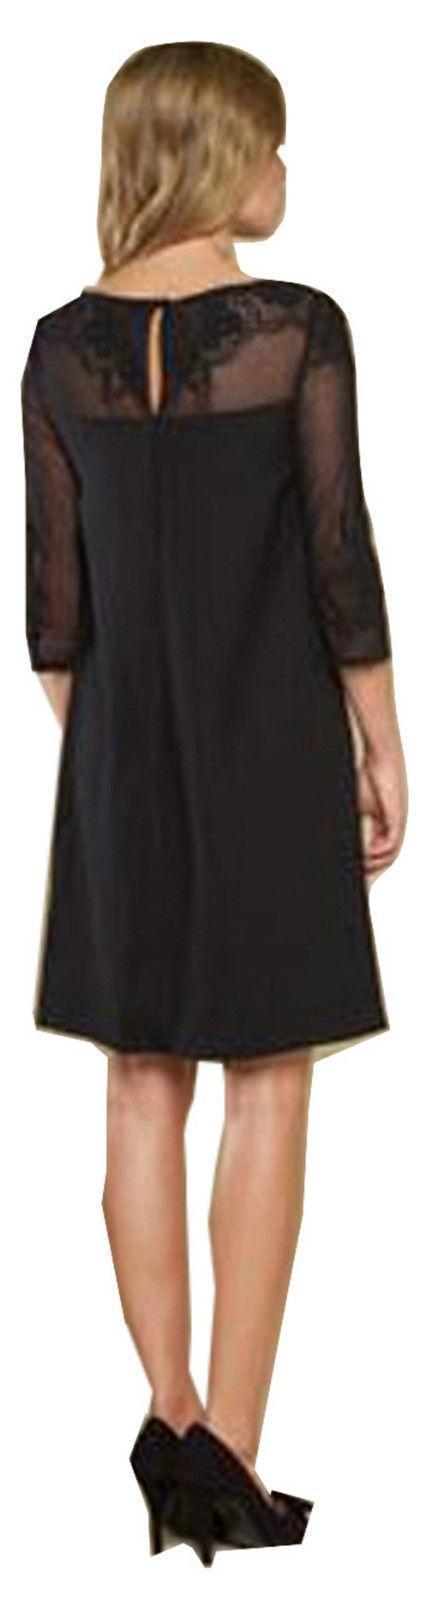 MONSOON Tavia Embellished Dress BNWT